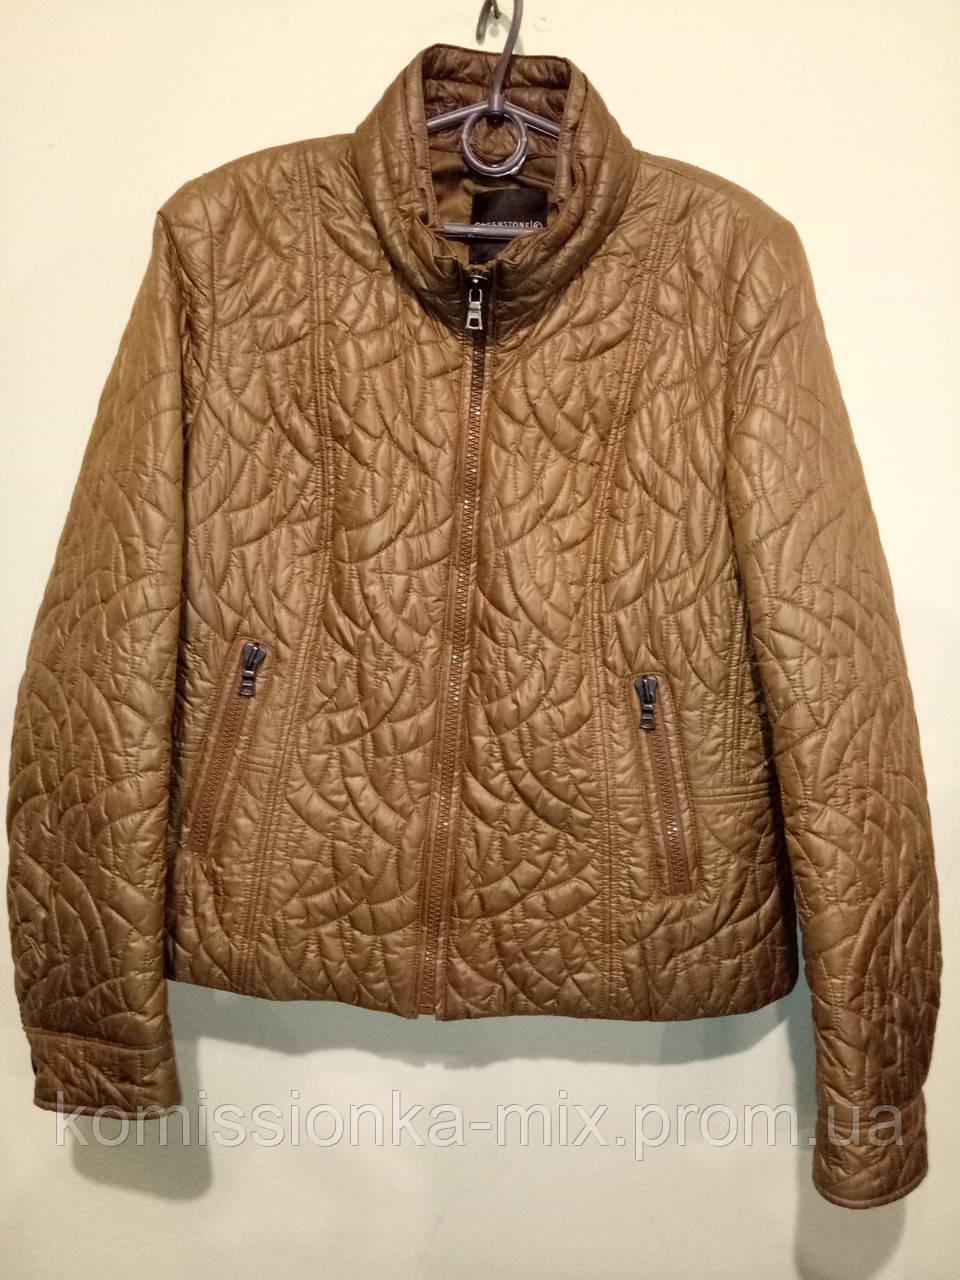 Куртка GREENSTONE  52 р.